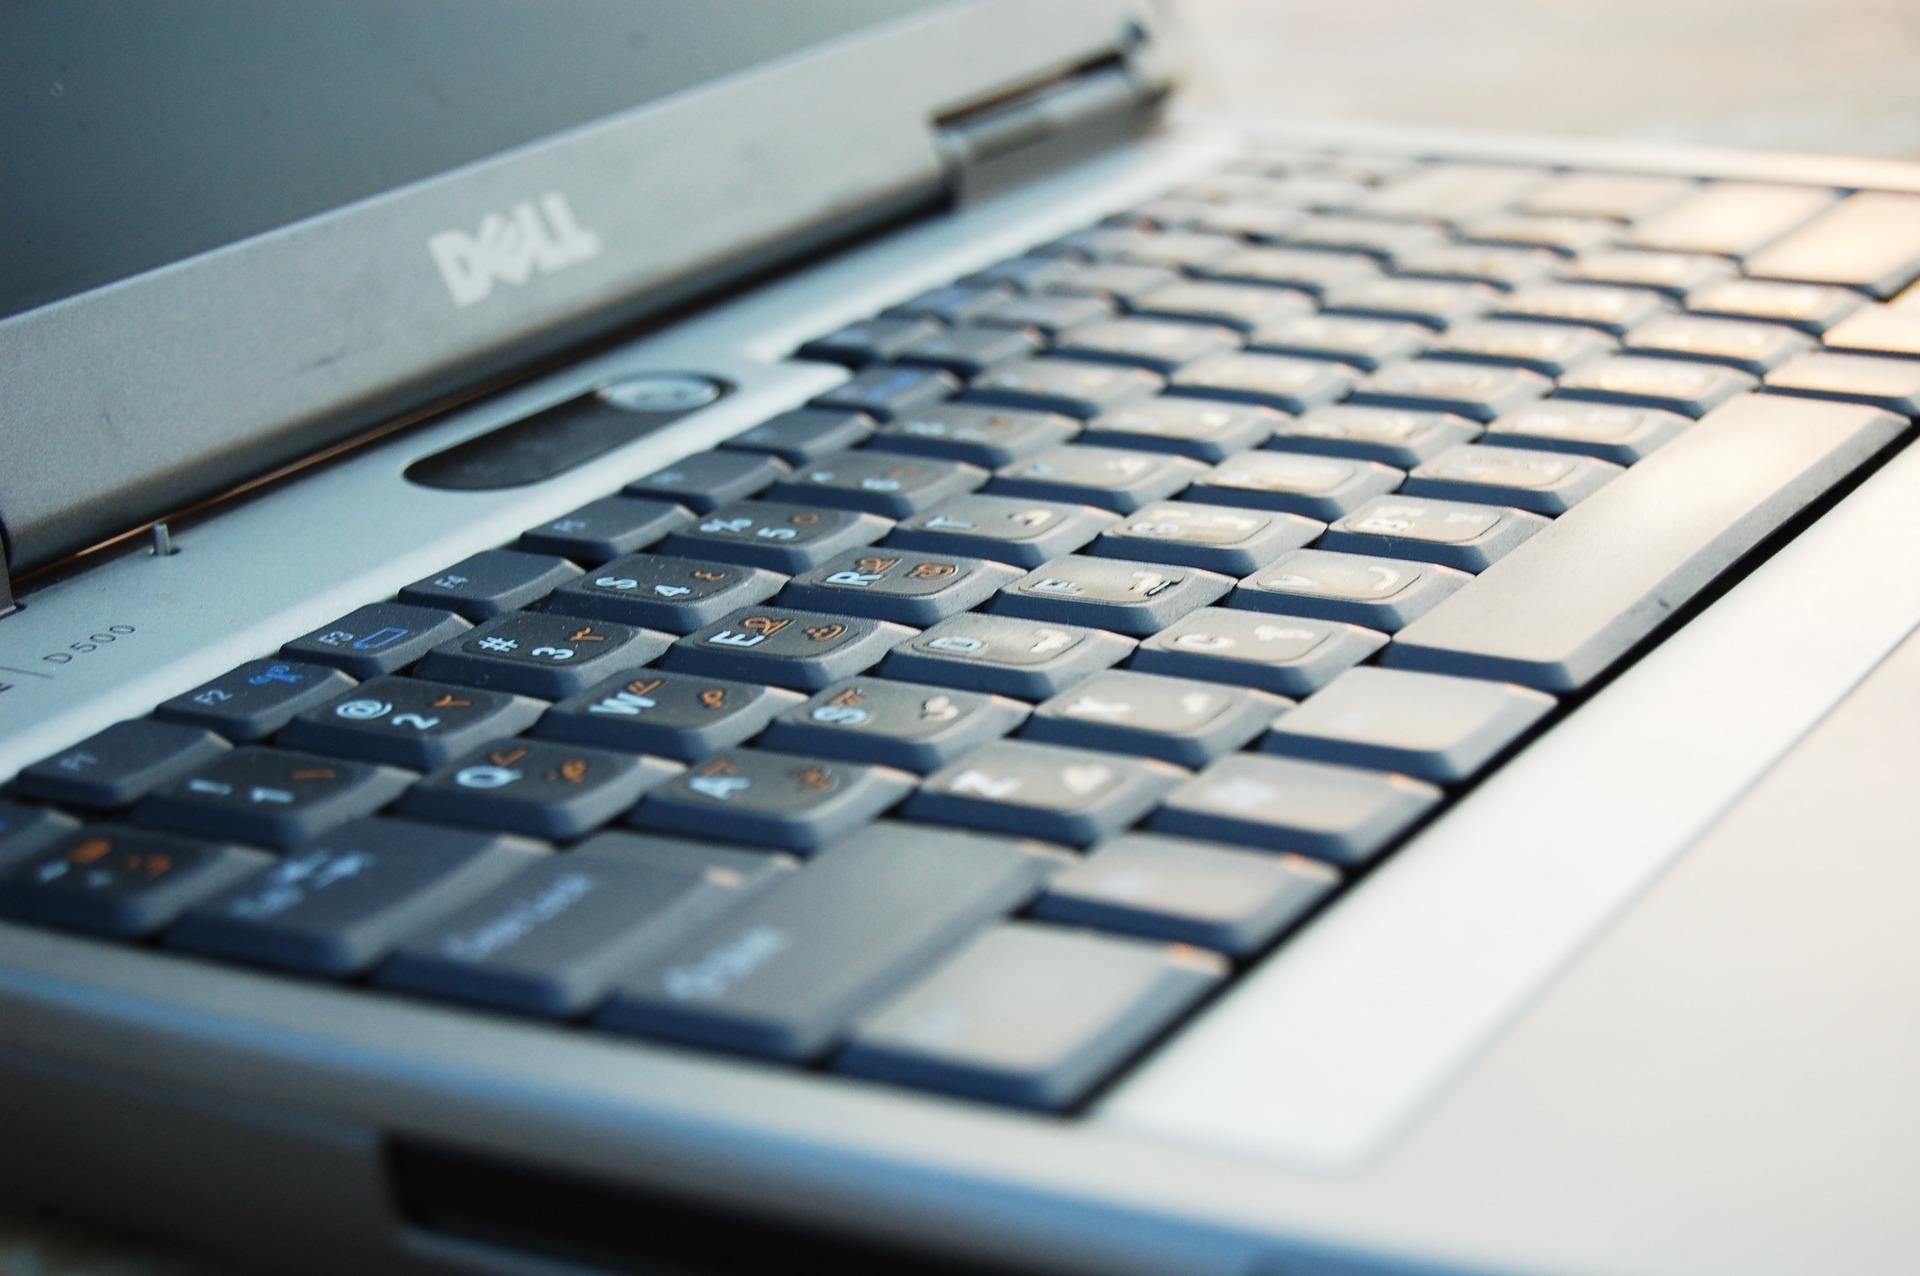 dell 2144351 1920 - Migliora le tue performance lavorative acquistando un computer Dell configurato su misura